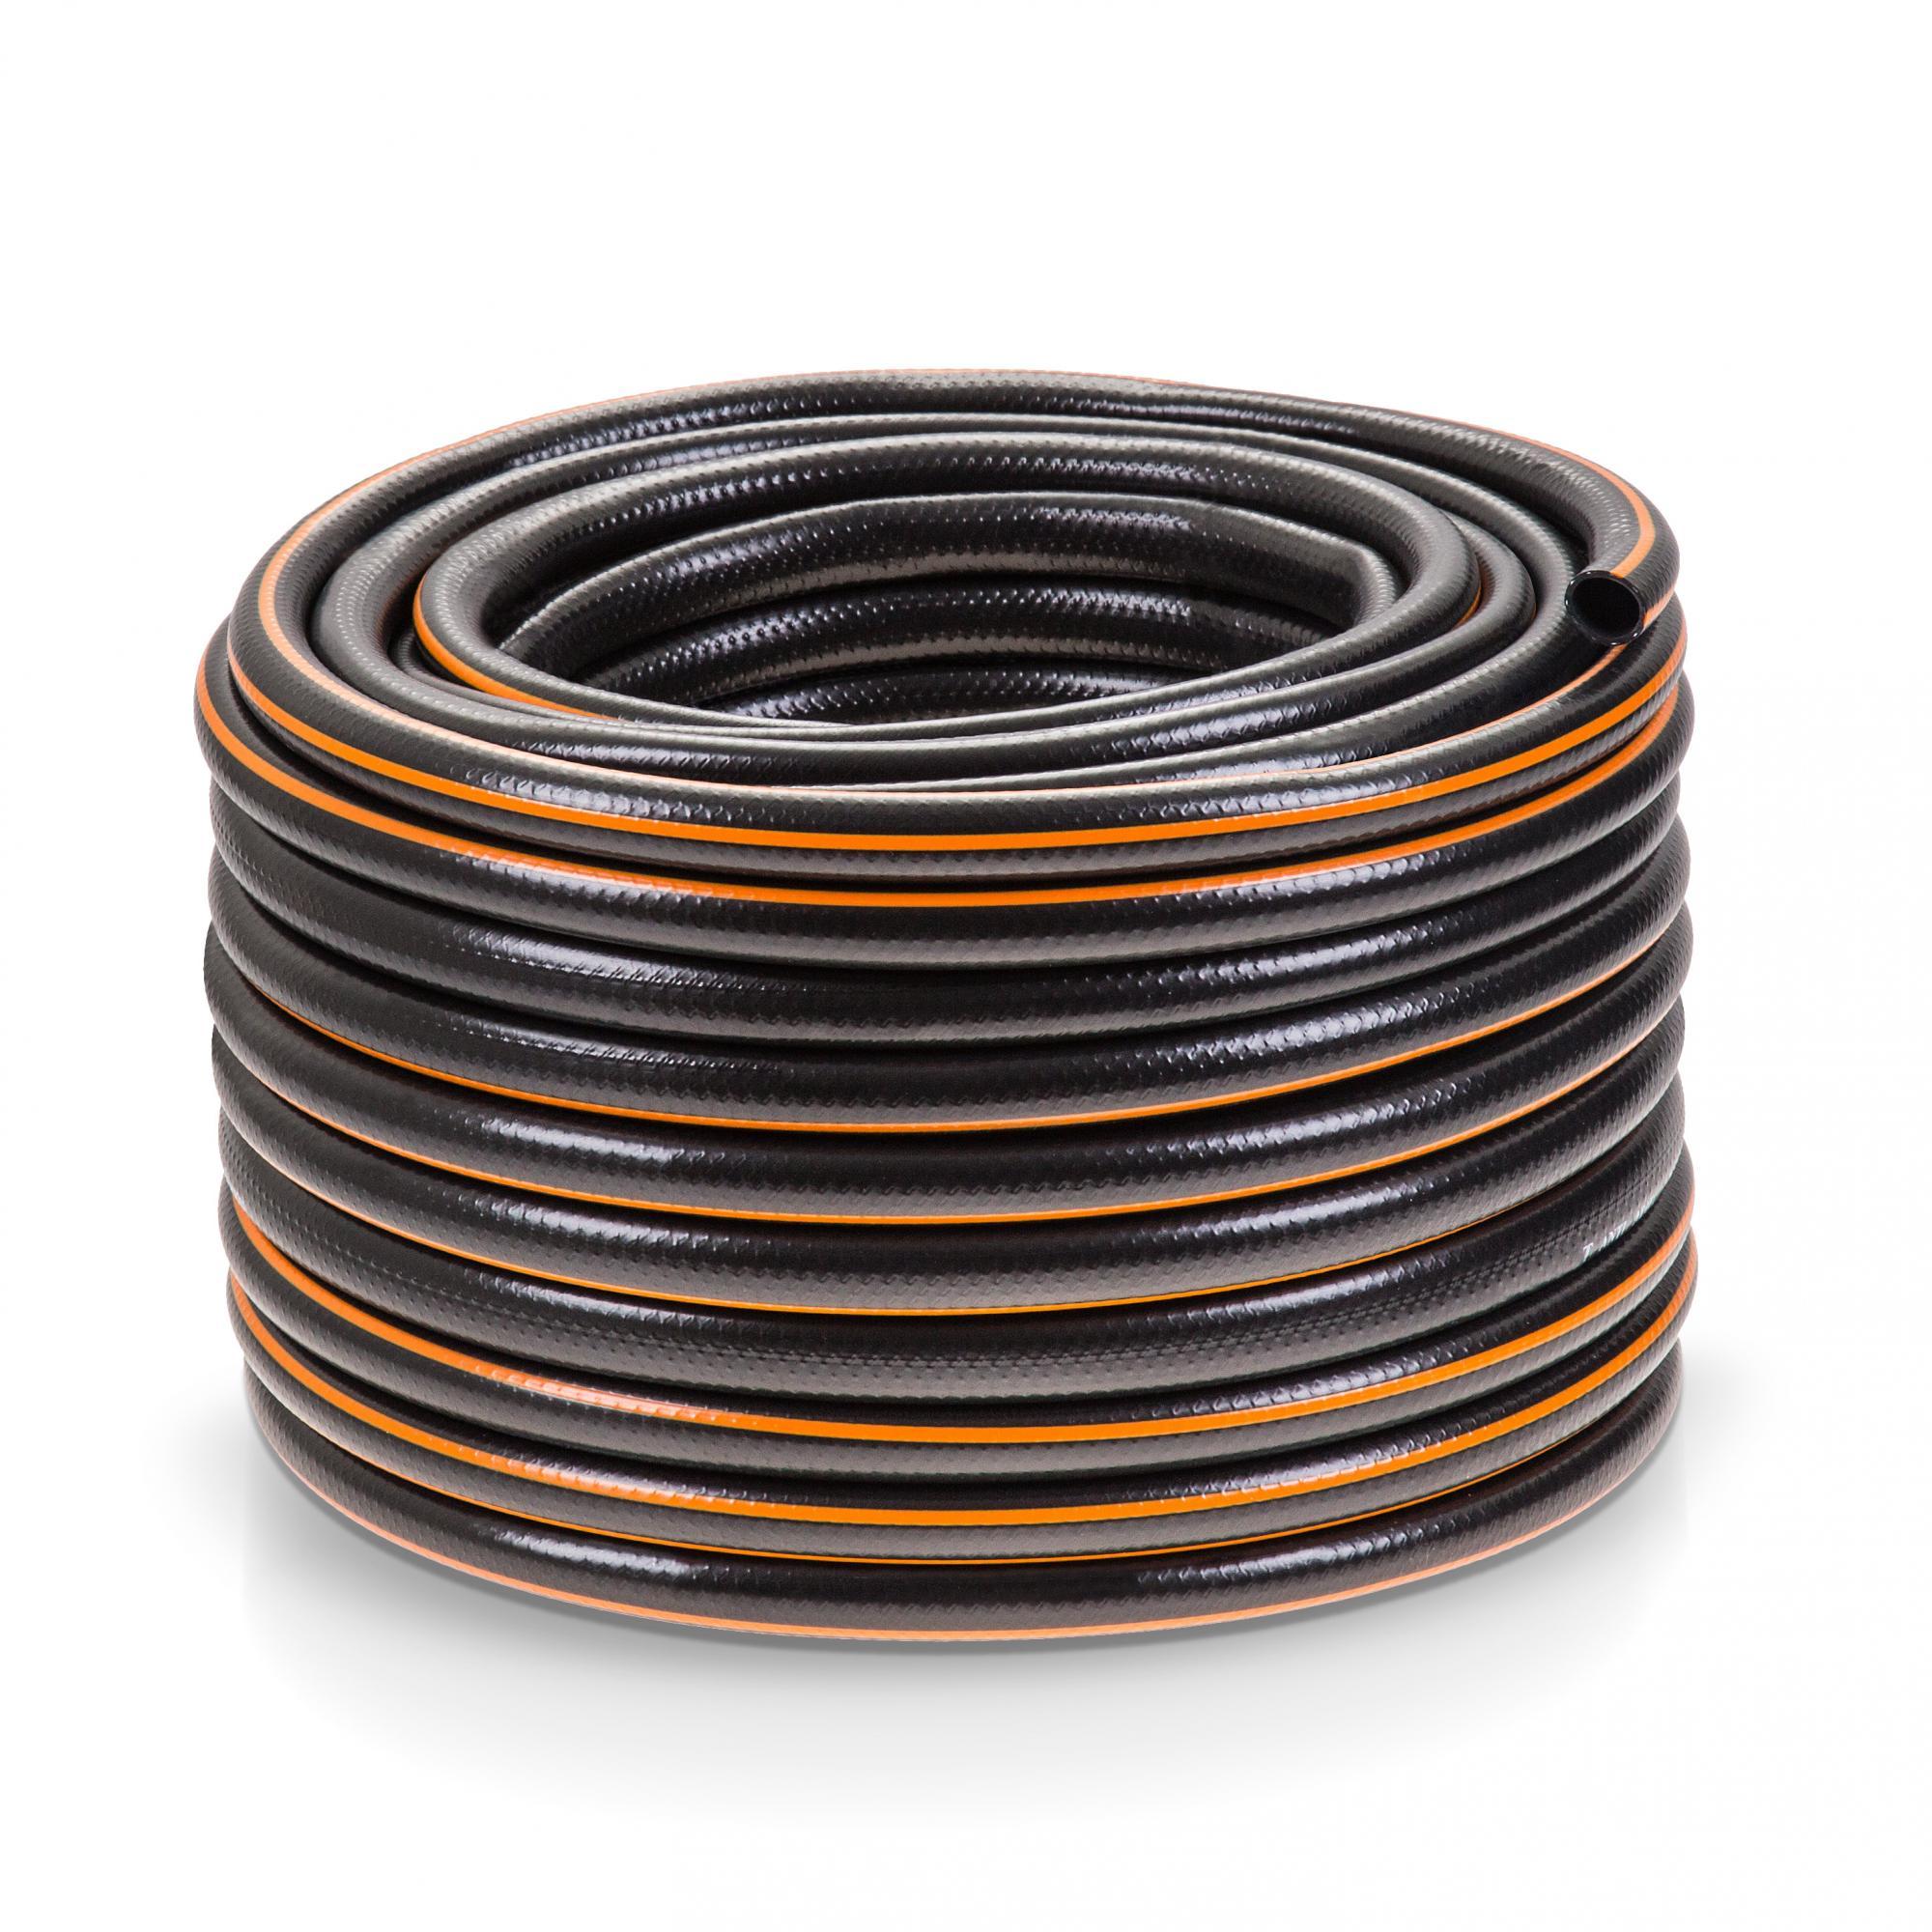 0 74 m 3 4 39 39 50 meter gewebe gartenschlauch schwarz wasserschlauch black line ebay. Black Bedroom Furniture Sets. Home Design Ideas